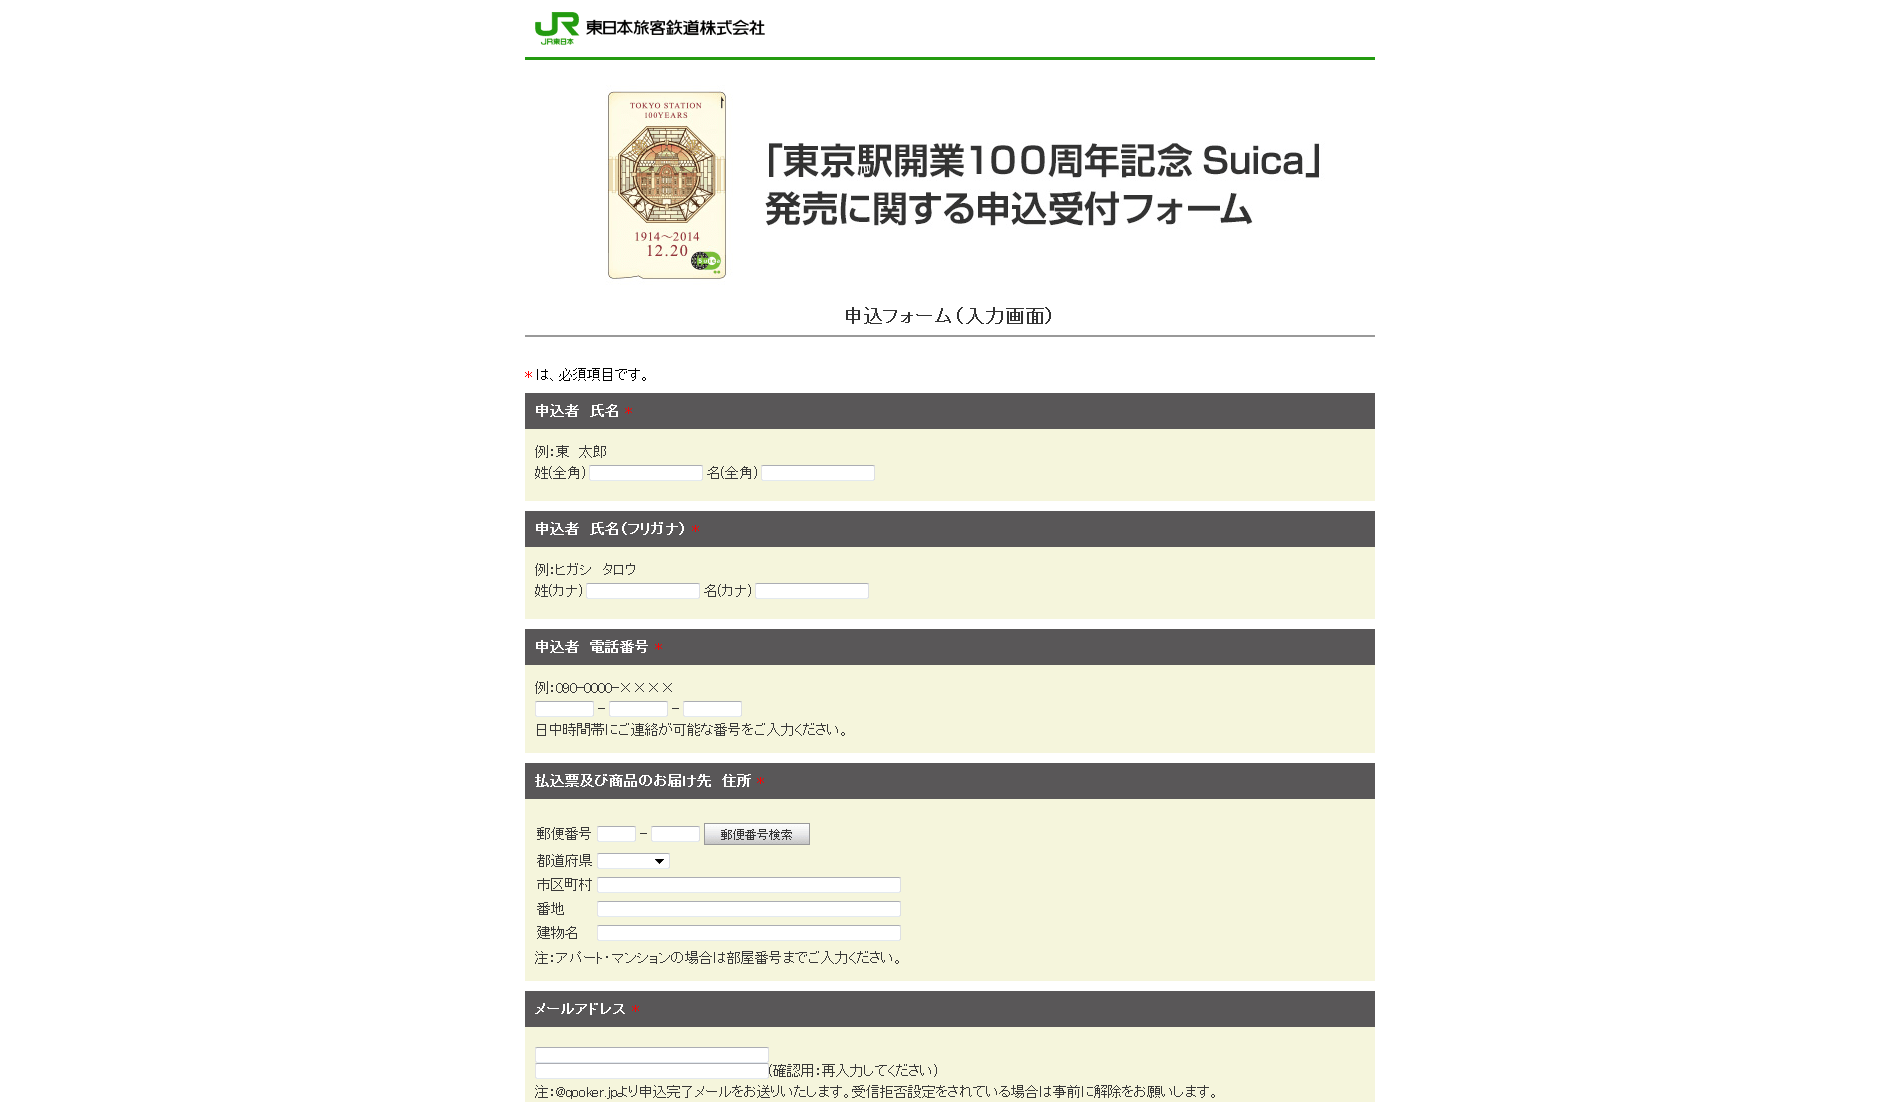 東京駅開業100周年記念Suica販売に関する申込受付フォーム